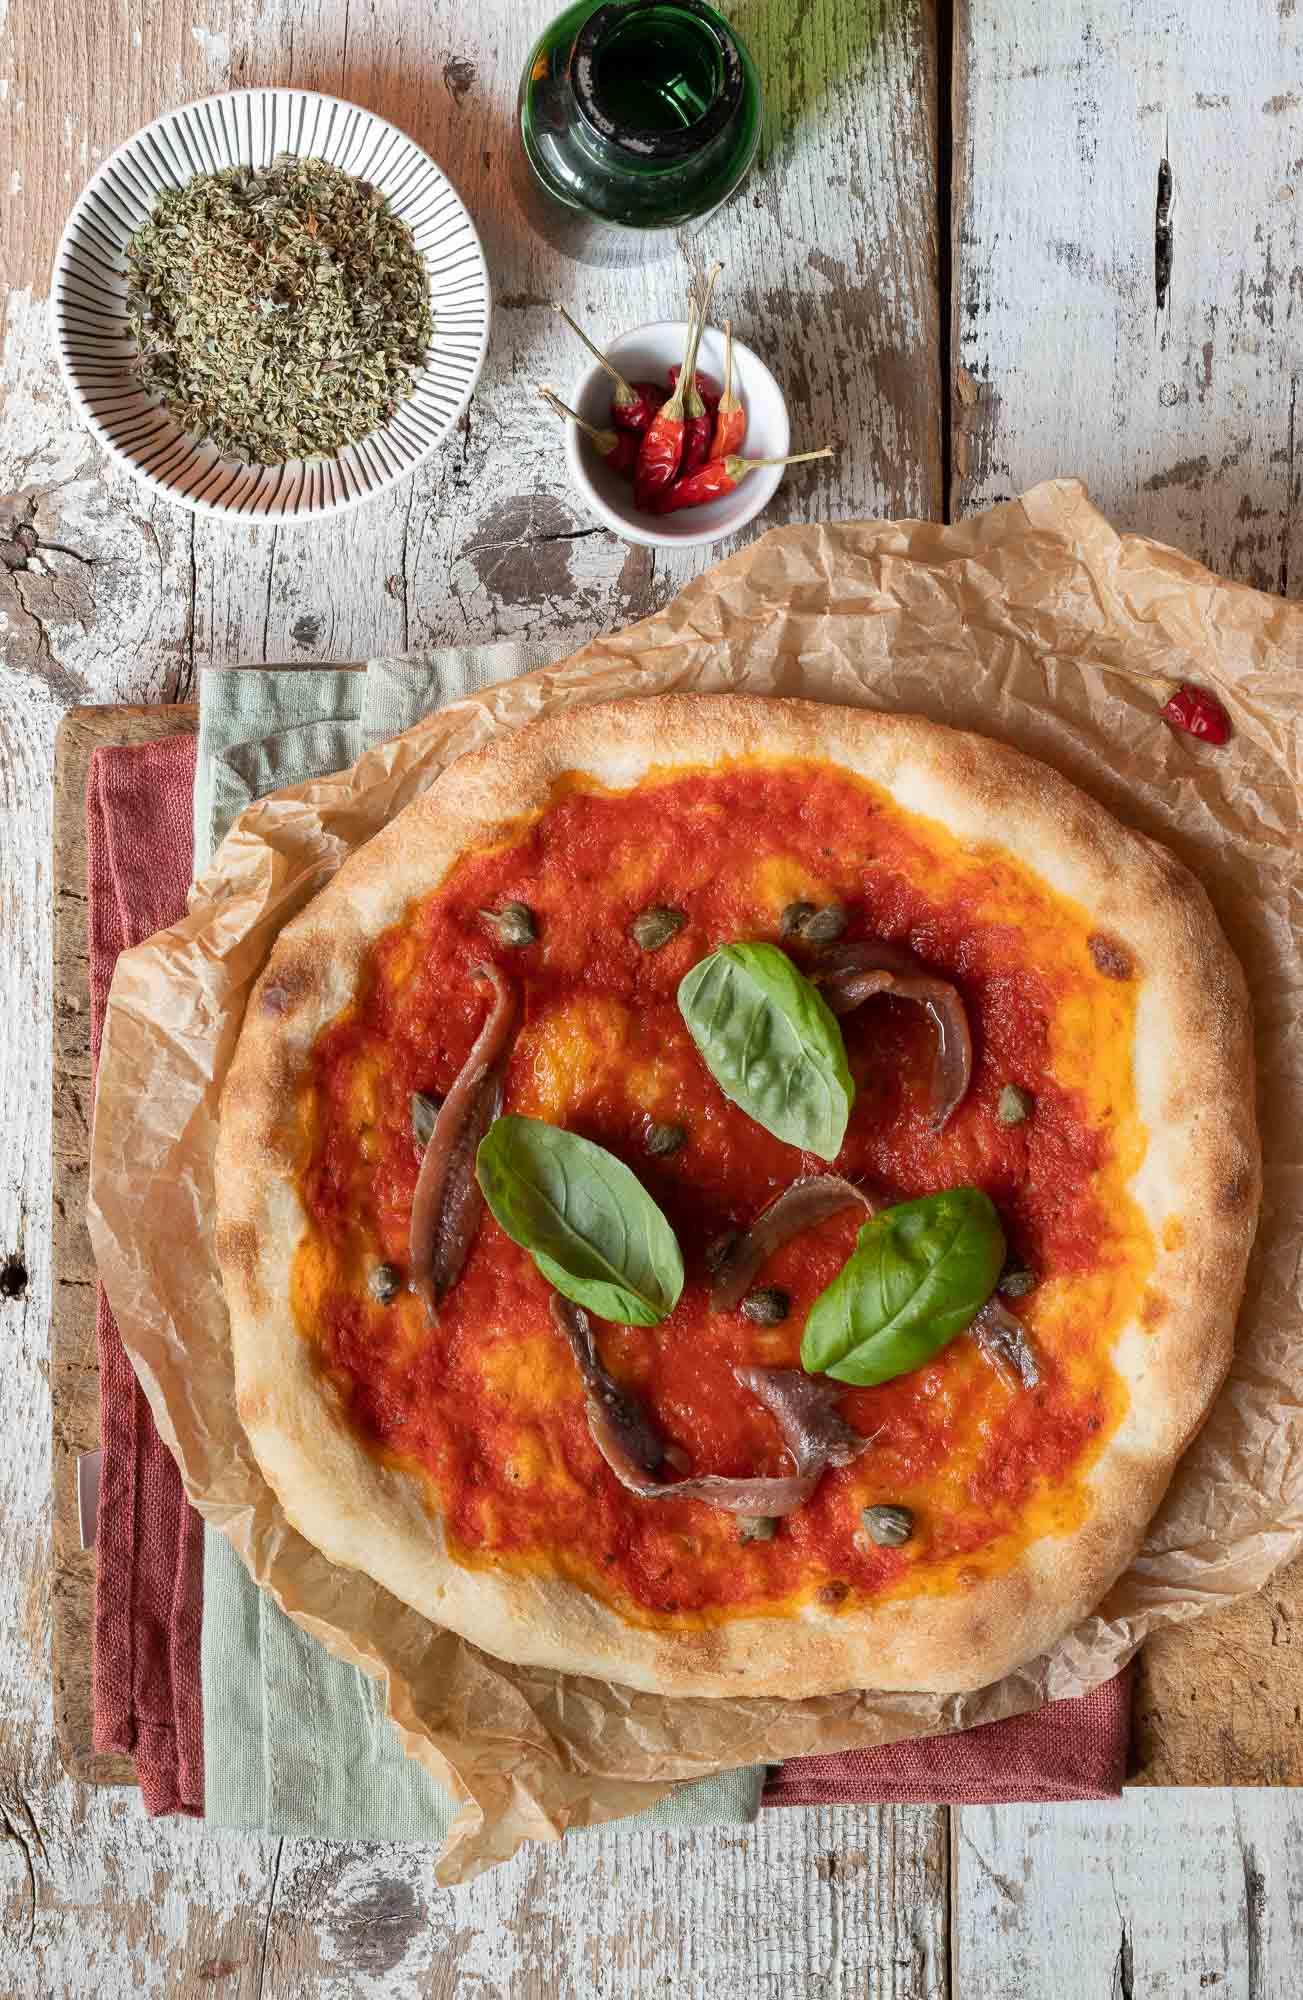 Pizza al piatto come in pizzeria